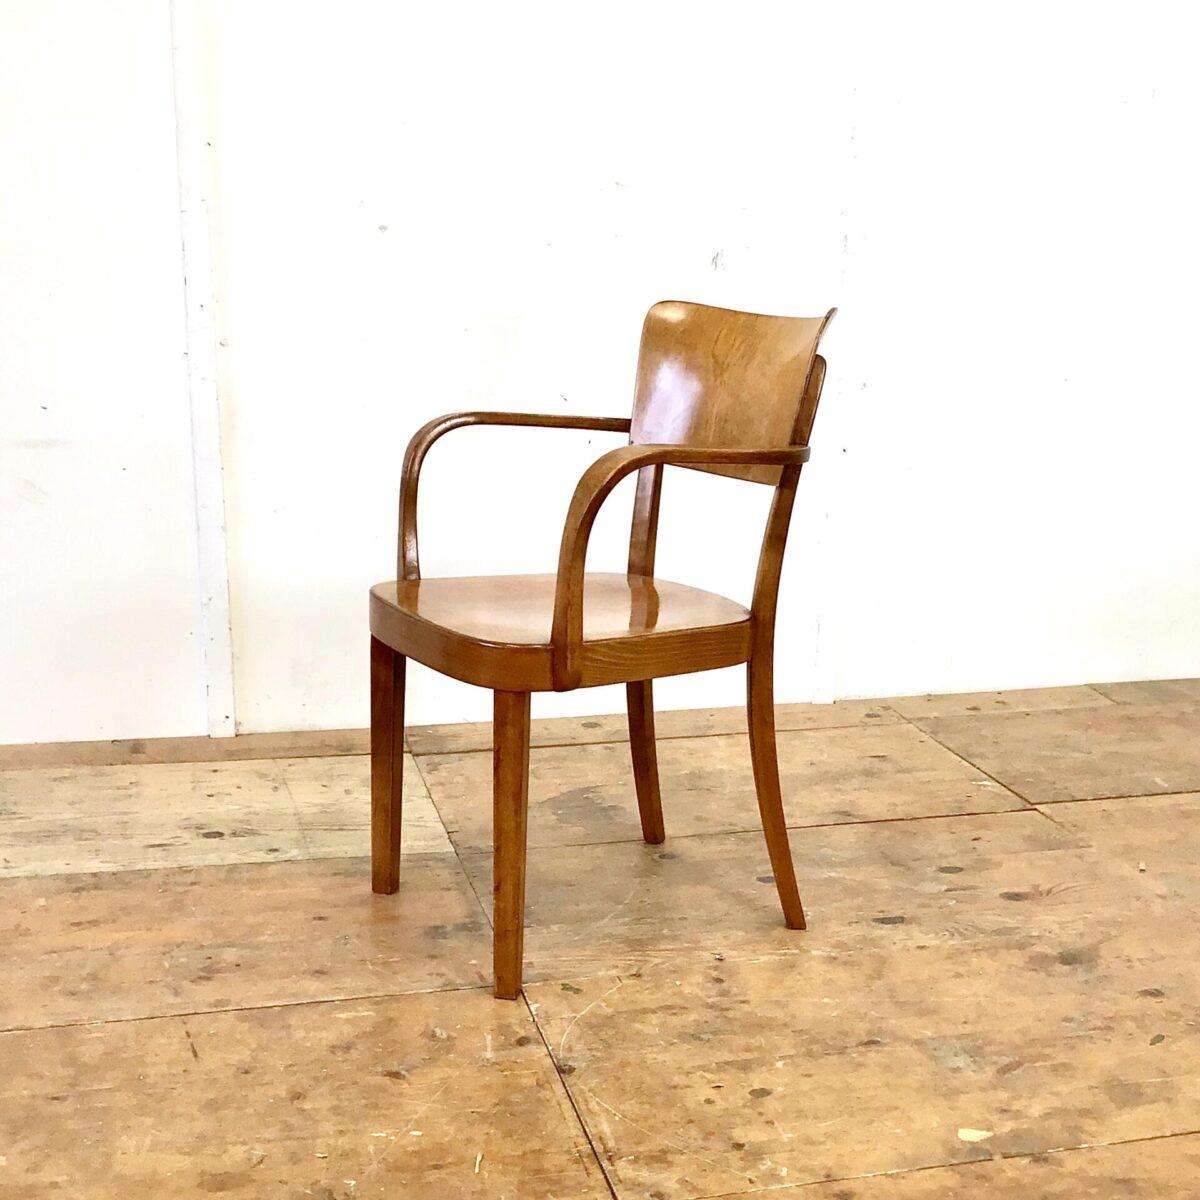 Schöner horgenglarus Armlehnstuhl in gutem Original Zustand. Dieser Stuhl wird heute noch unter dem Namen Safran produziert, jedoch ohne Armlehnen und etwas kleiner. Dieser Stuhl ist mittlerweile selten zu finden, und ist wegen seiner Bequemlichkeit und formschönen Verarbeitung sehr begehrt. Die warme dunkelbraune Ausstrahlung lässt sich nicht nachproduzieren. Das entsteht nur mit dem Lauf der Zeit.